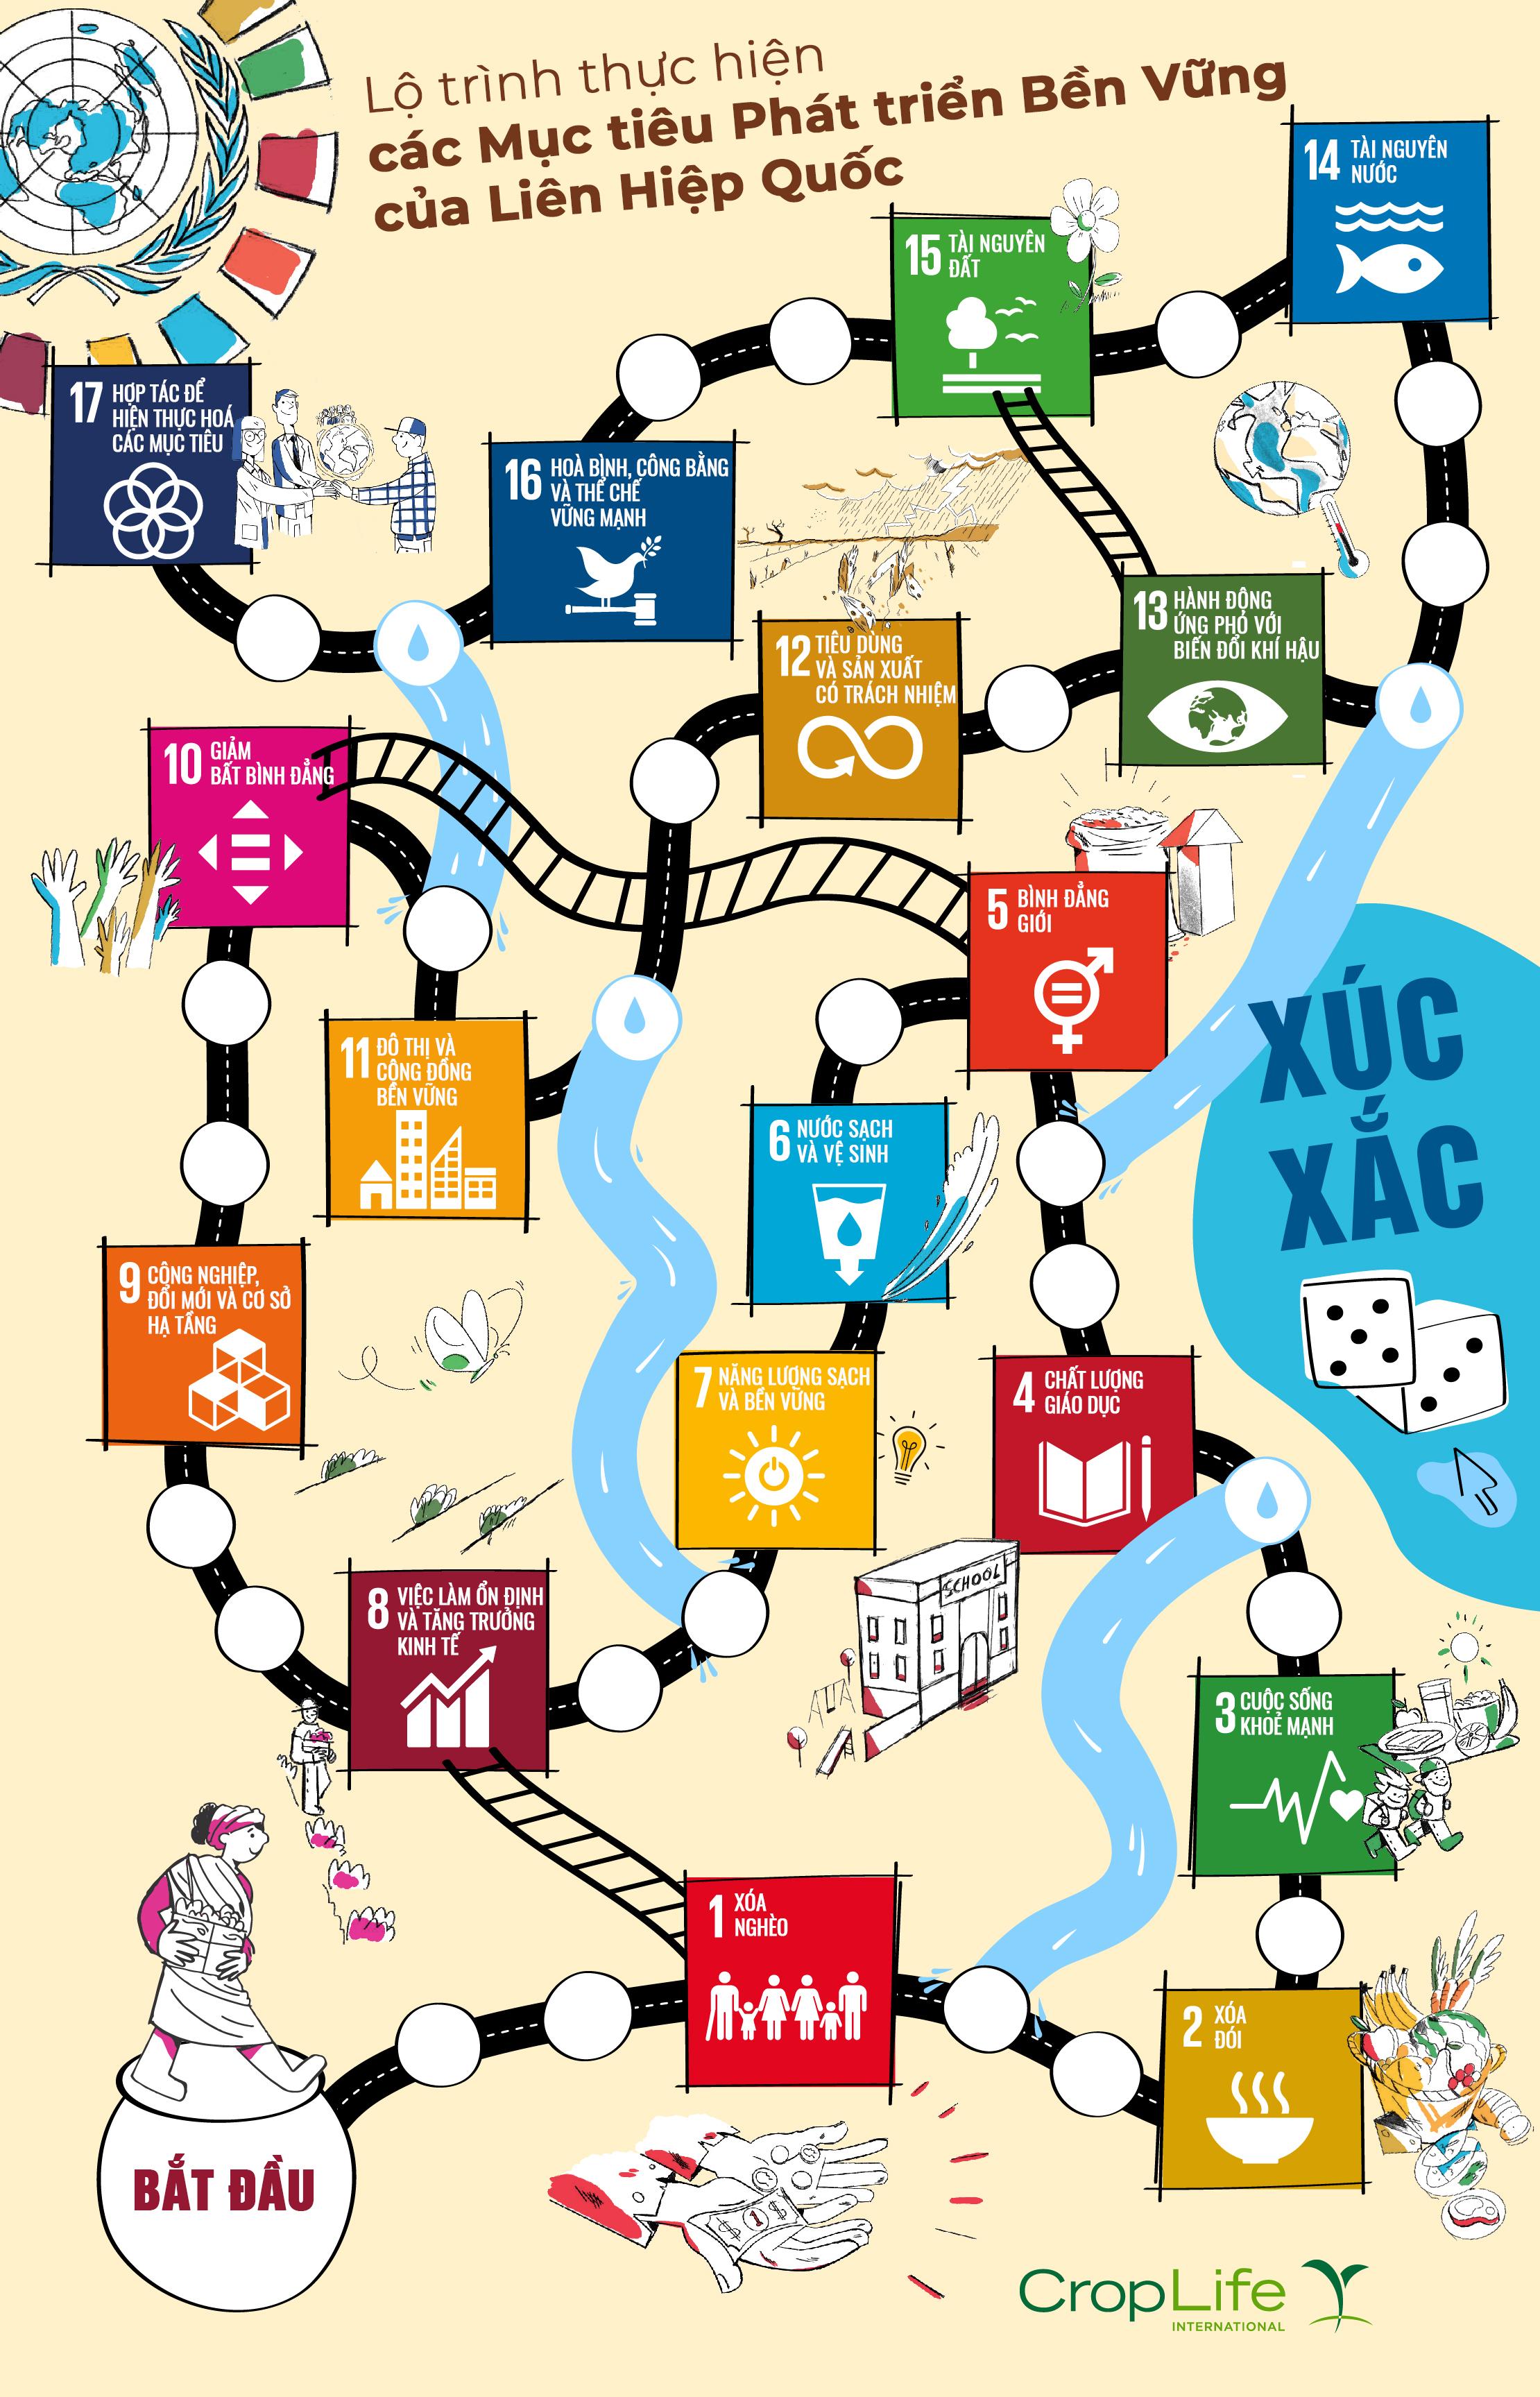 Sáng kiến trong ngành Khoa học thực vật cung cấp các giải pháp thực hiện các Mục tiêu Phát triển Bền vững của Liên Hiệp Quốc